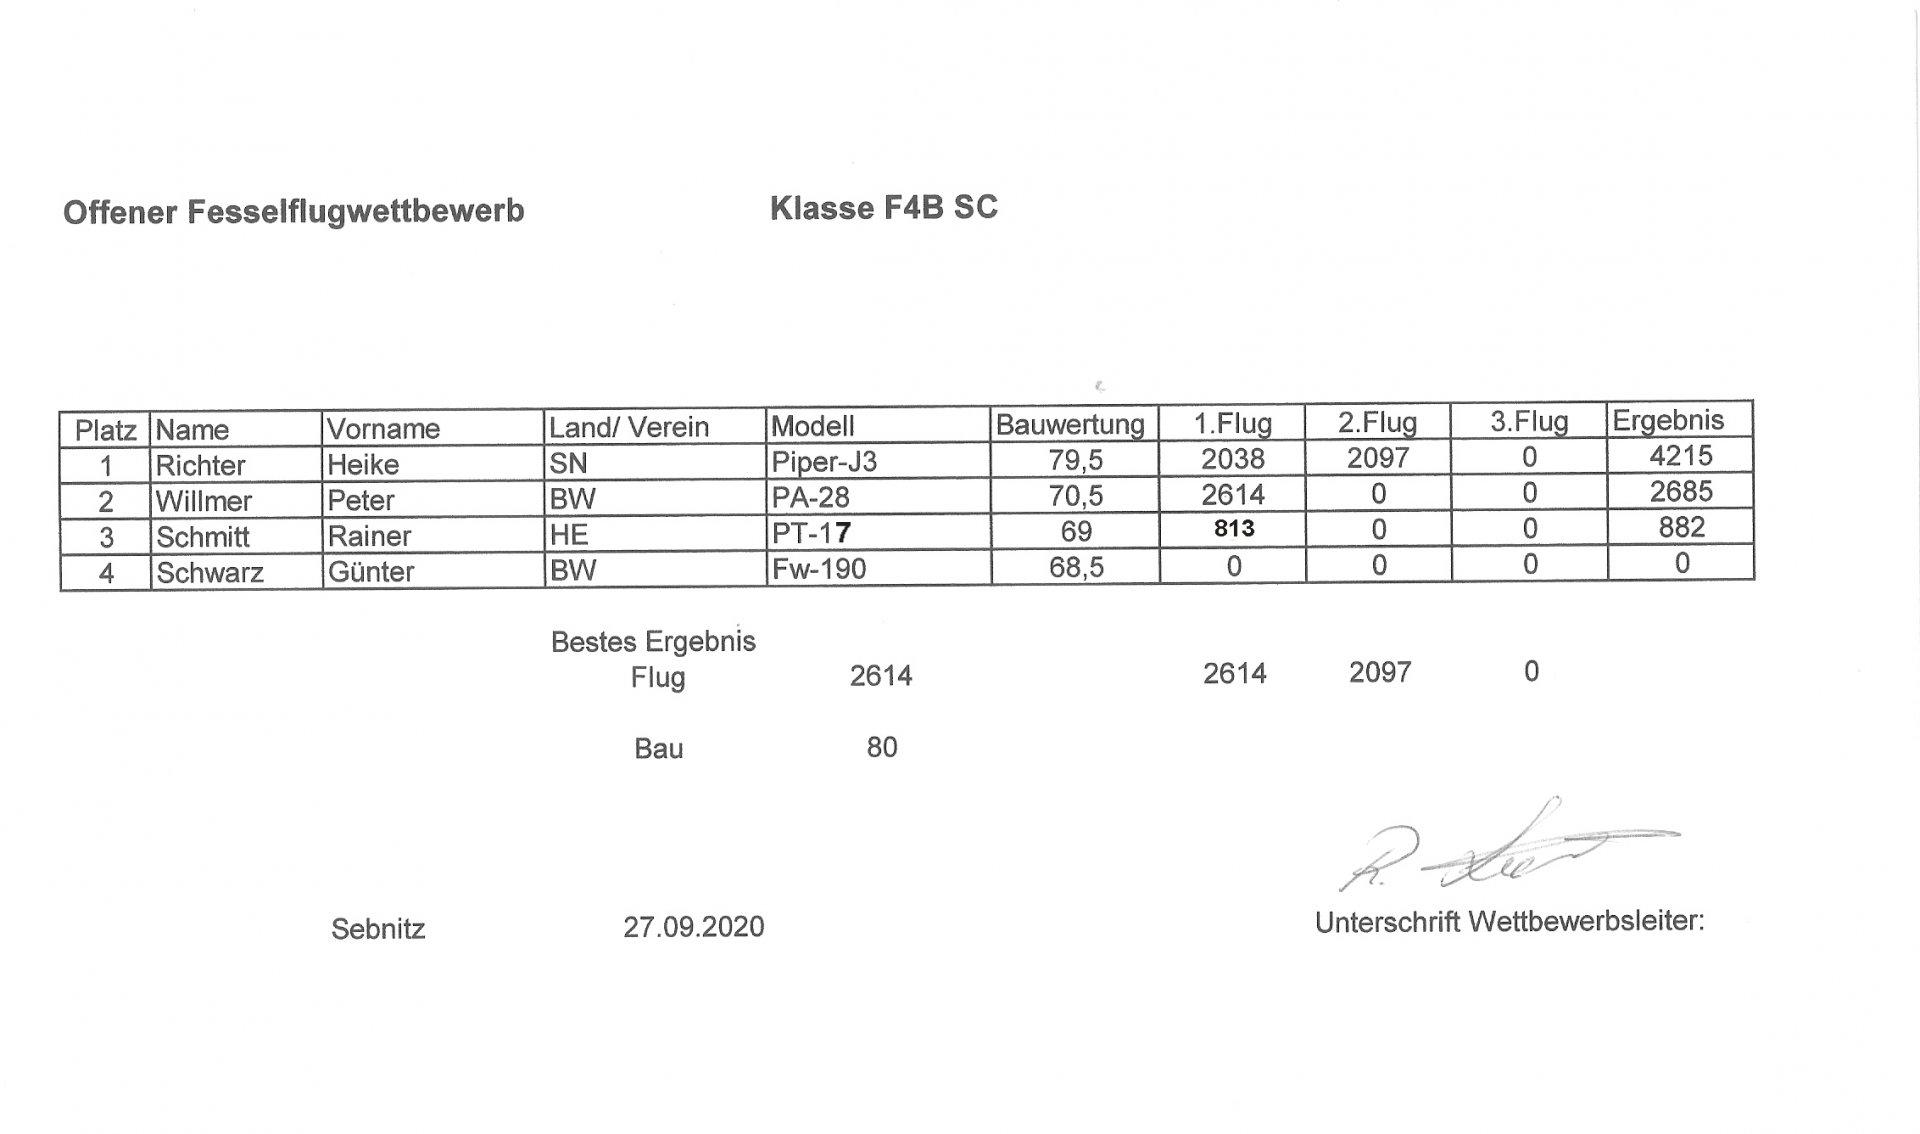 F4B SC Sebnitz 2020.jpg